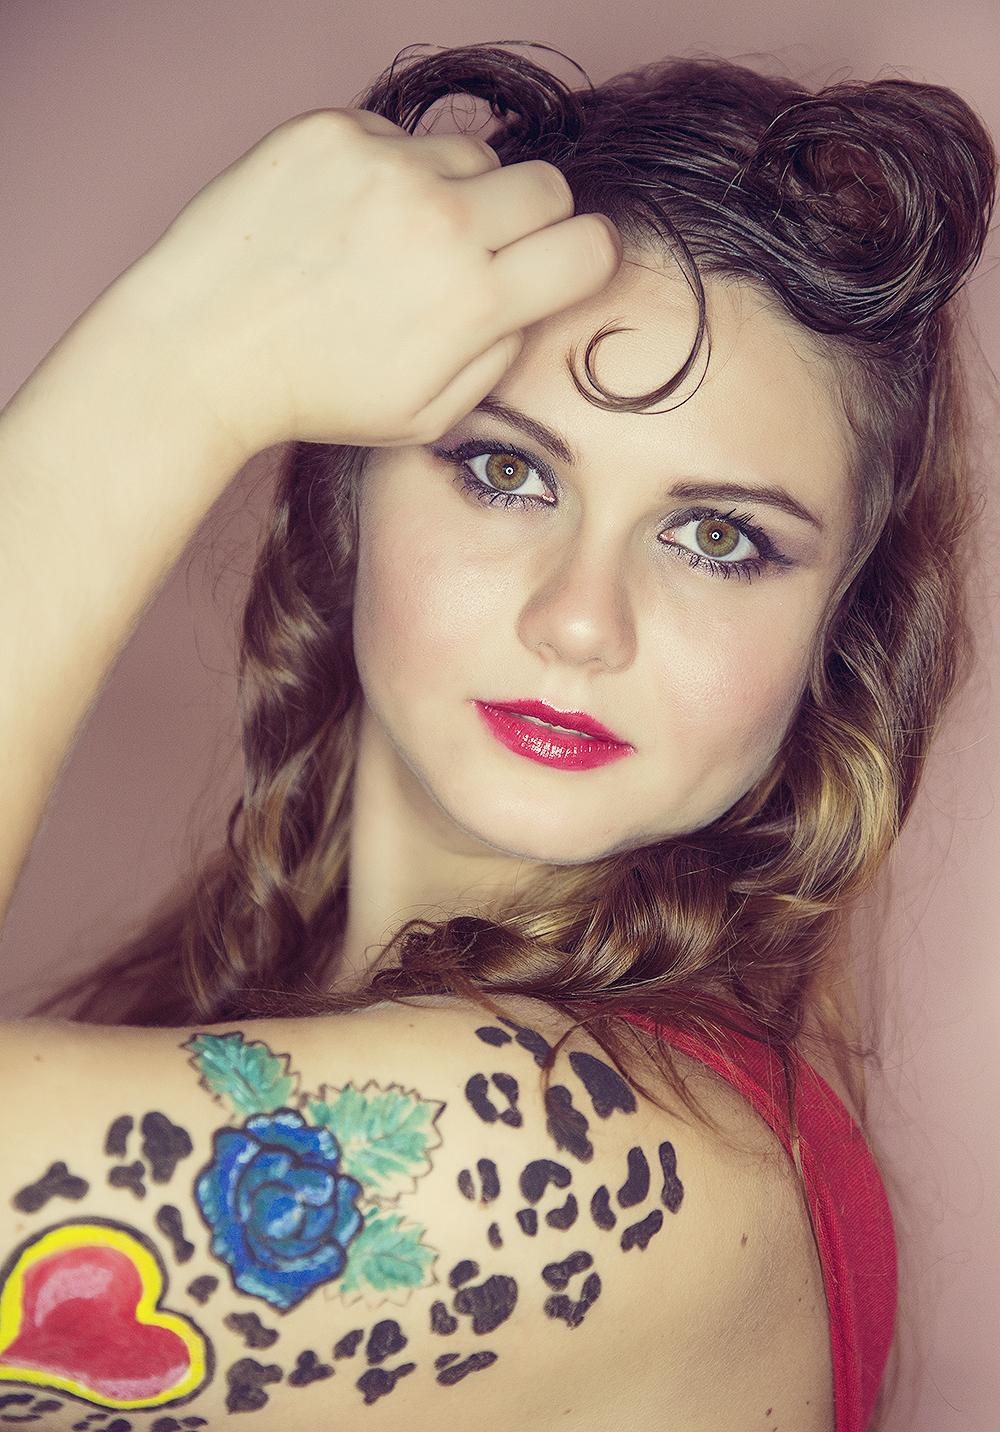 Bella con sus ojos verdes - 1000x1432